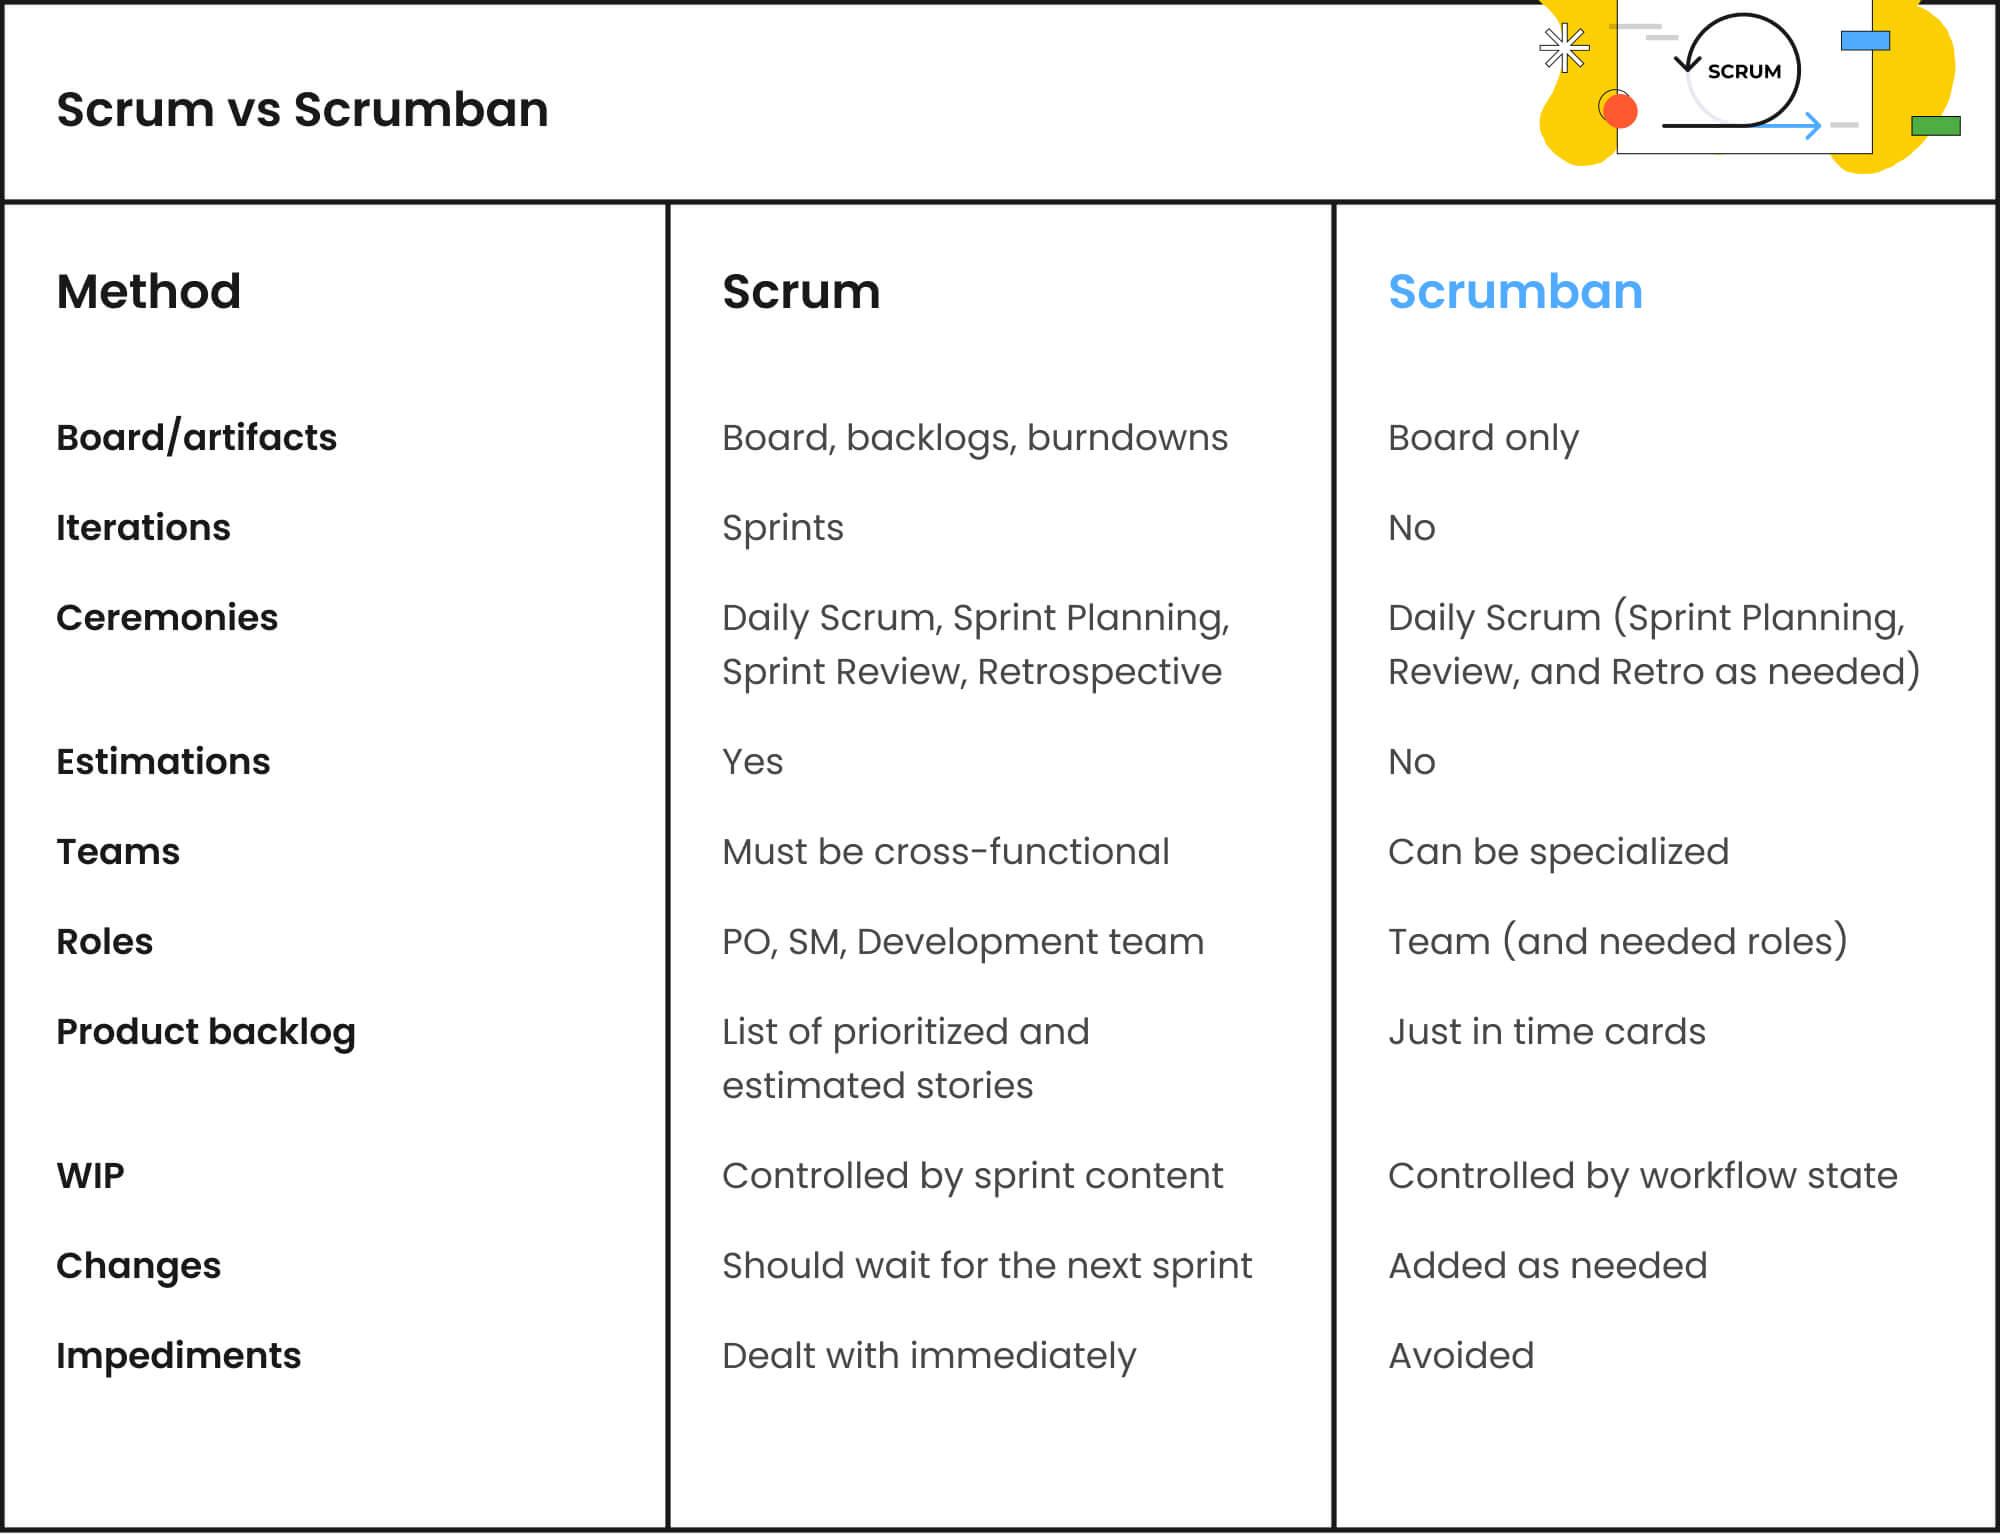 Scrumban vs Scrum